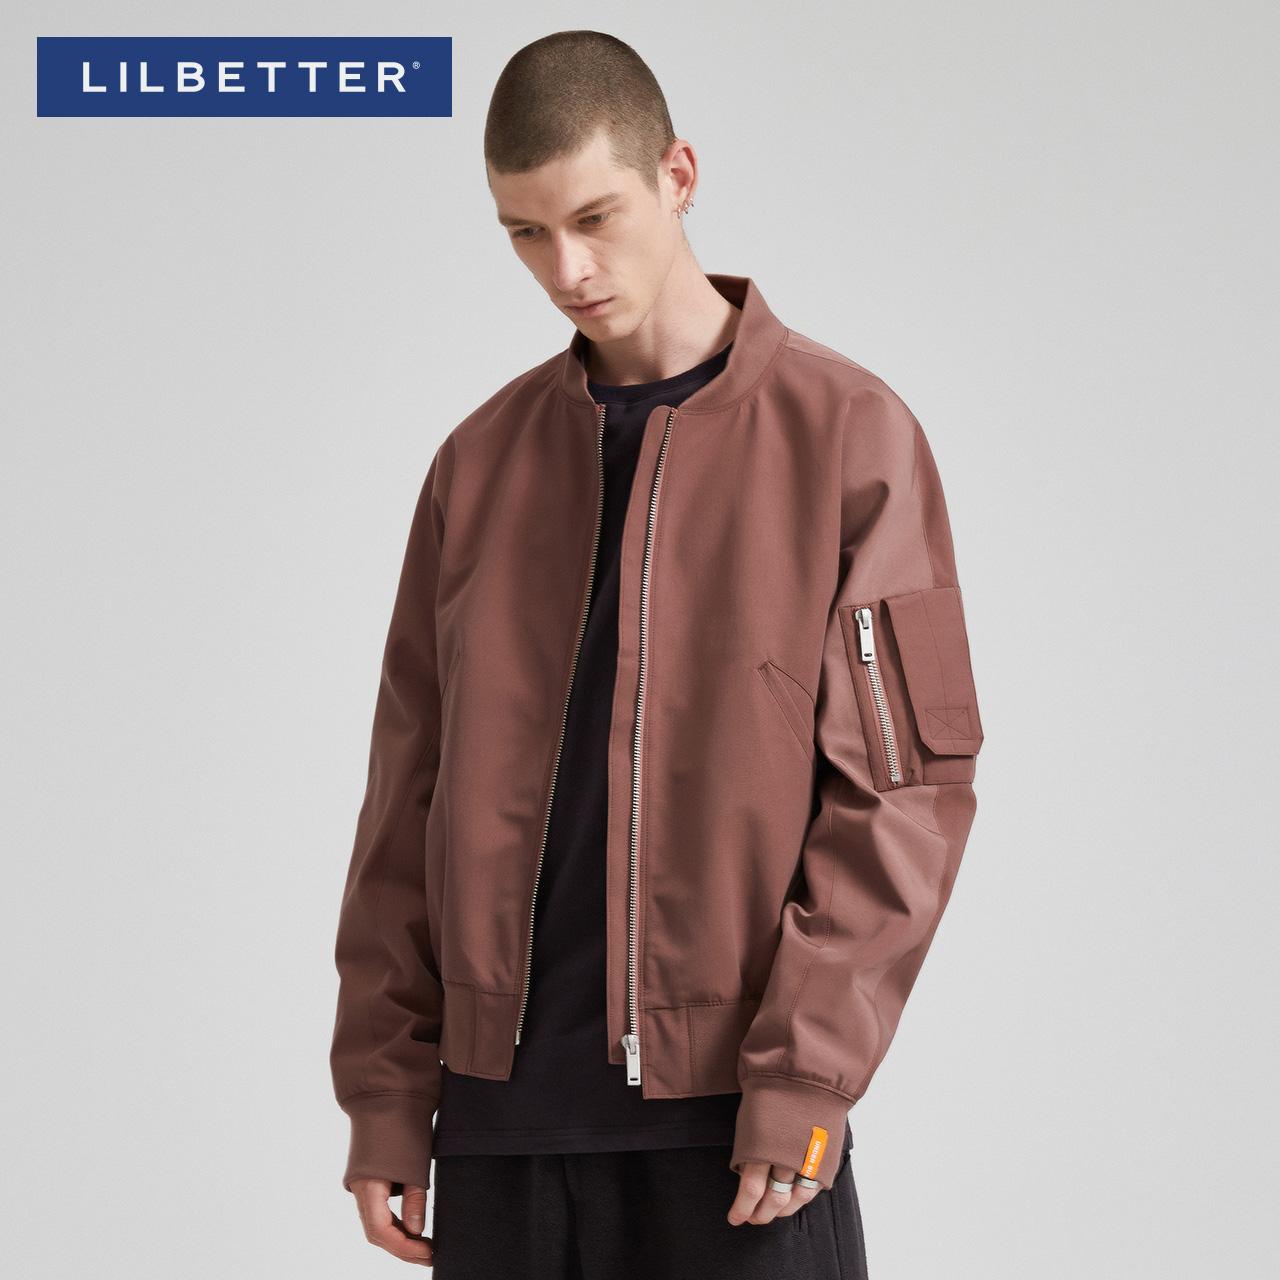 Lilbetter棒球服男立领运动外套韩版飞行员夹克男休闲秋季外衣潮